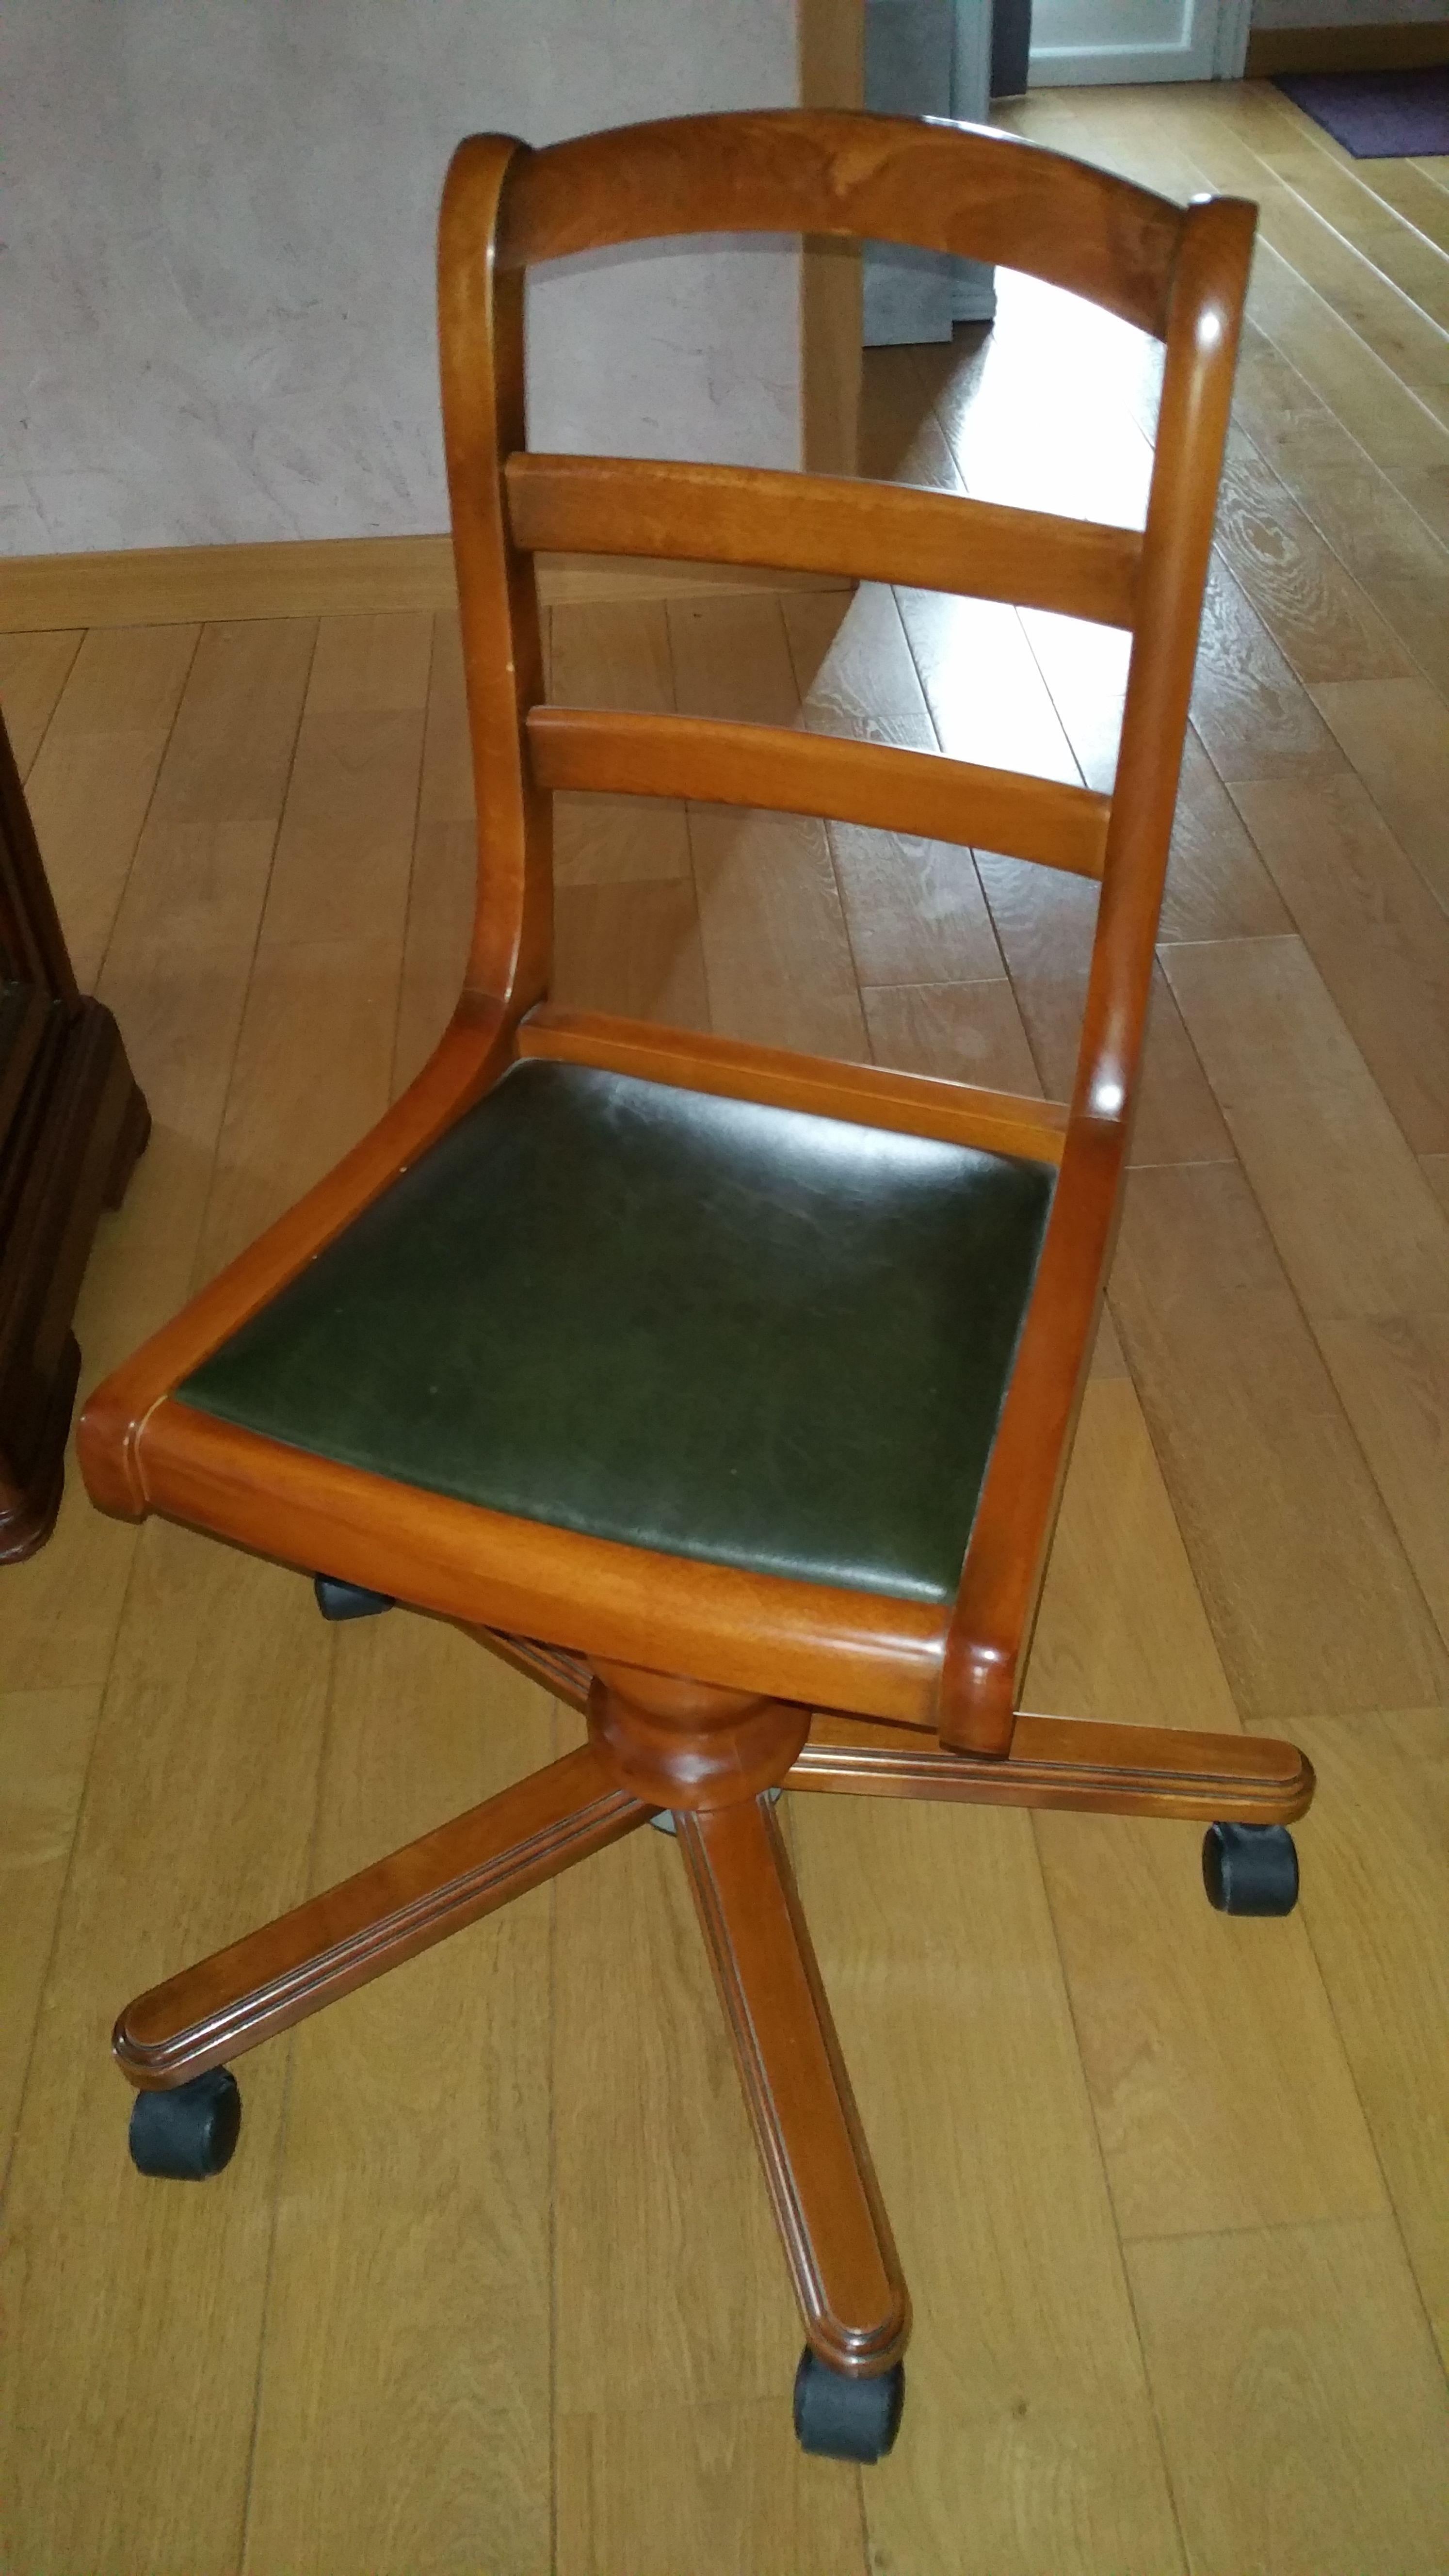 Achetez Bureau Style À Vente Chaise Le Creusot71 OccasionAnnonce thrsdQ